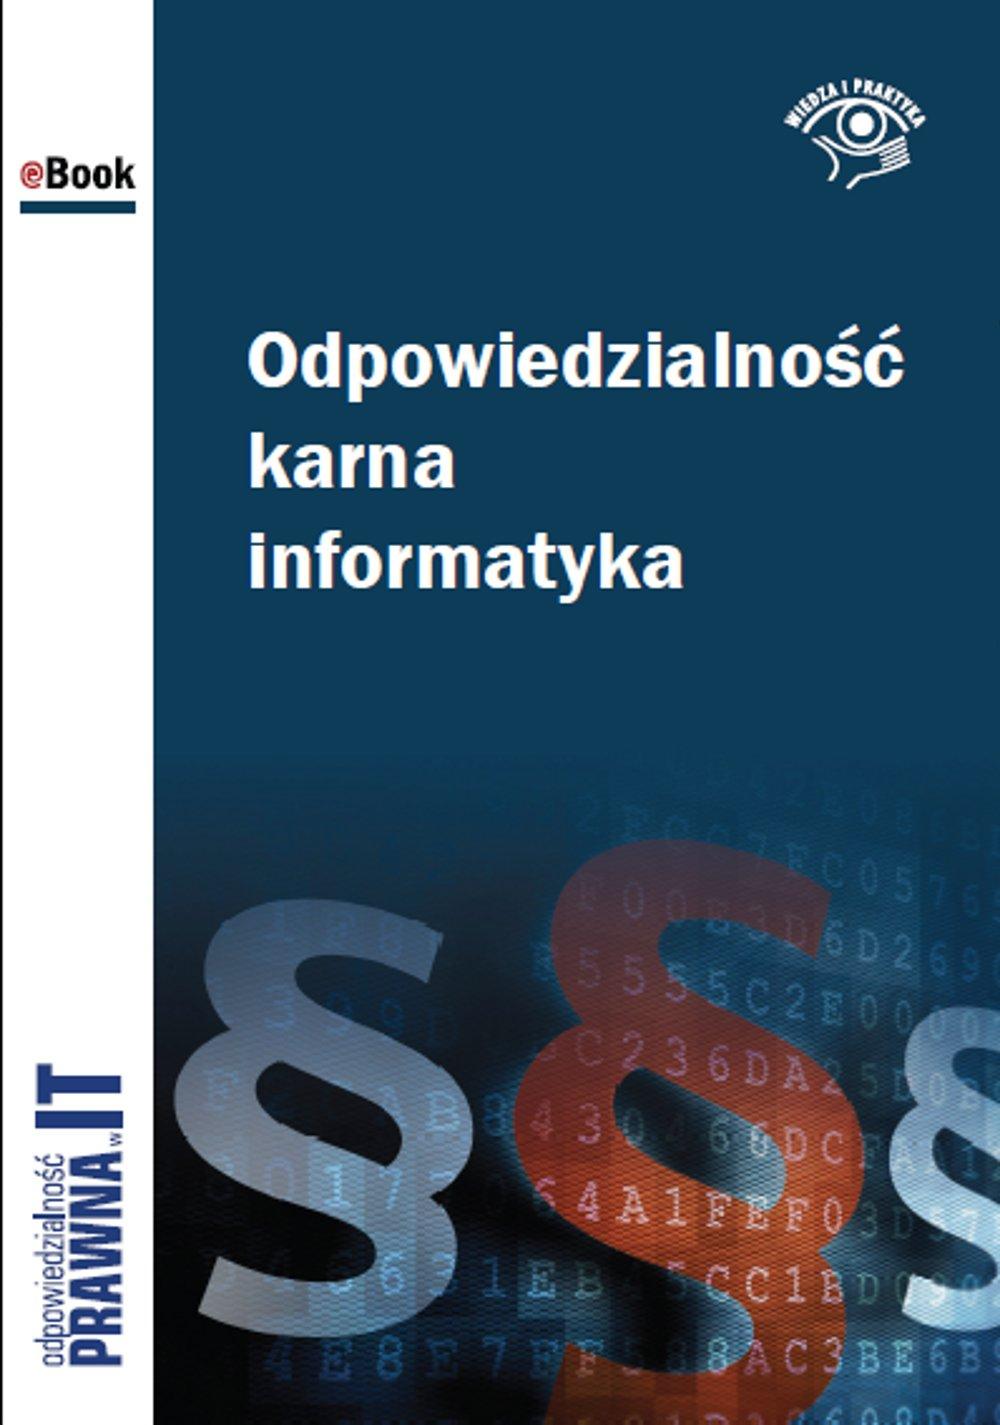 Odpowiedzialność karna informatyka - Ebook (Książka na Kindle) do pobrania w formacie MOBI